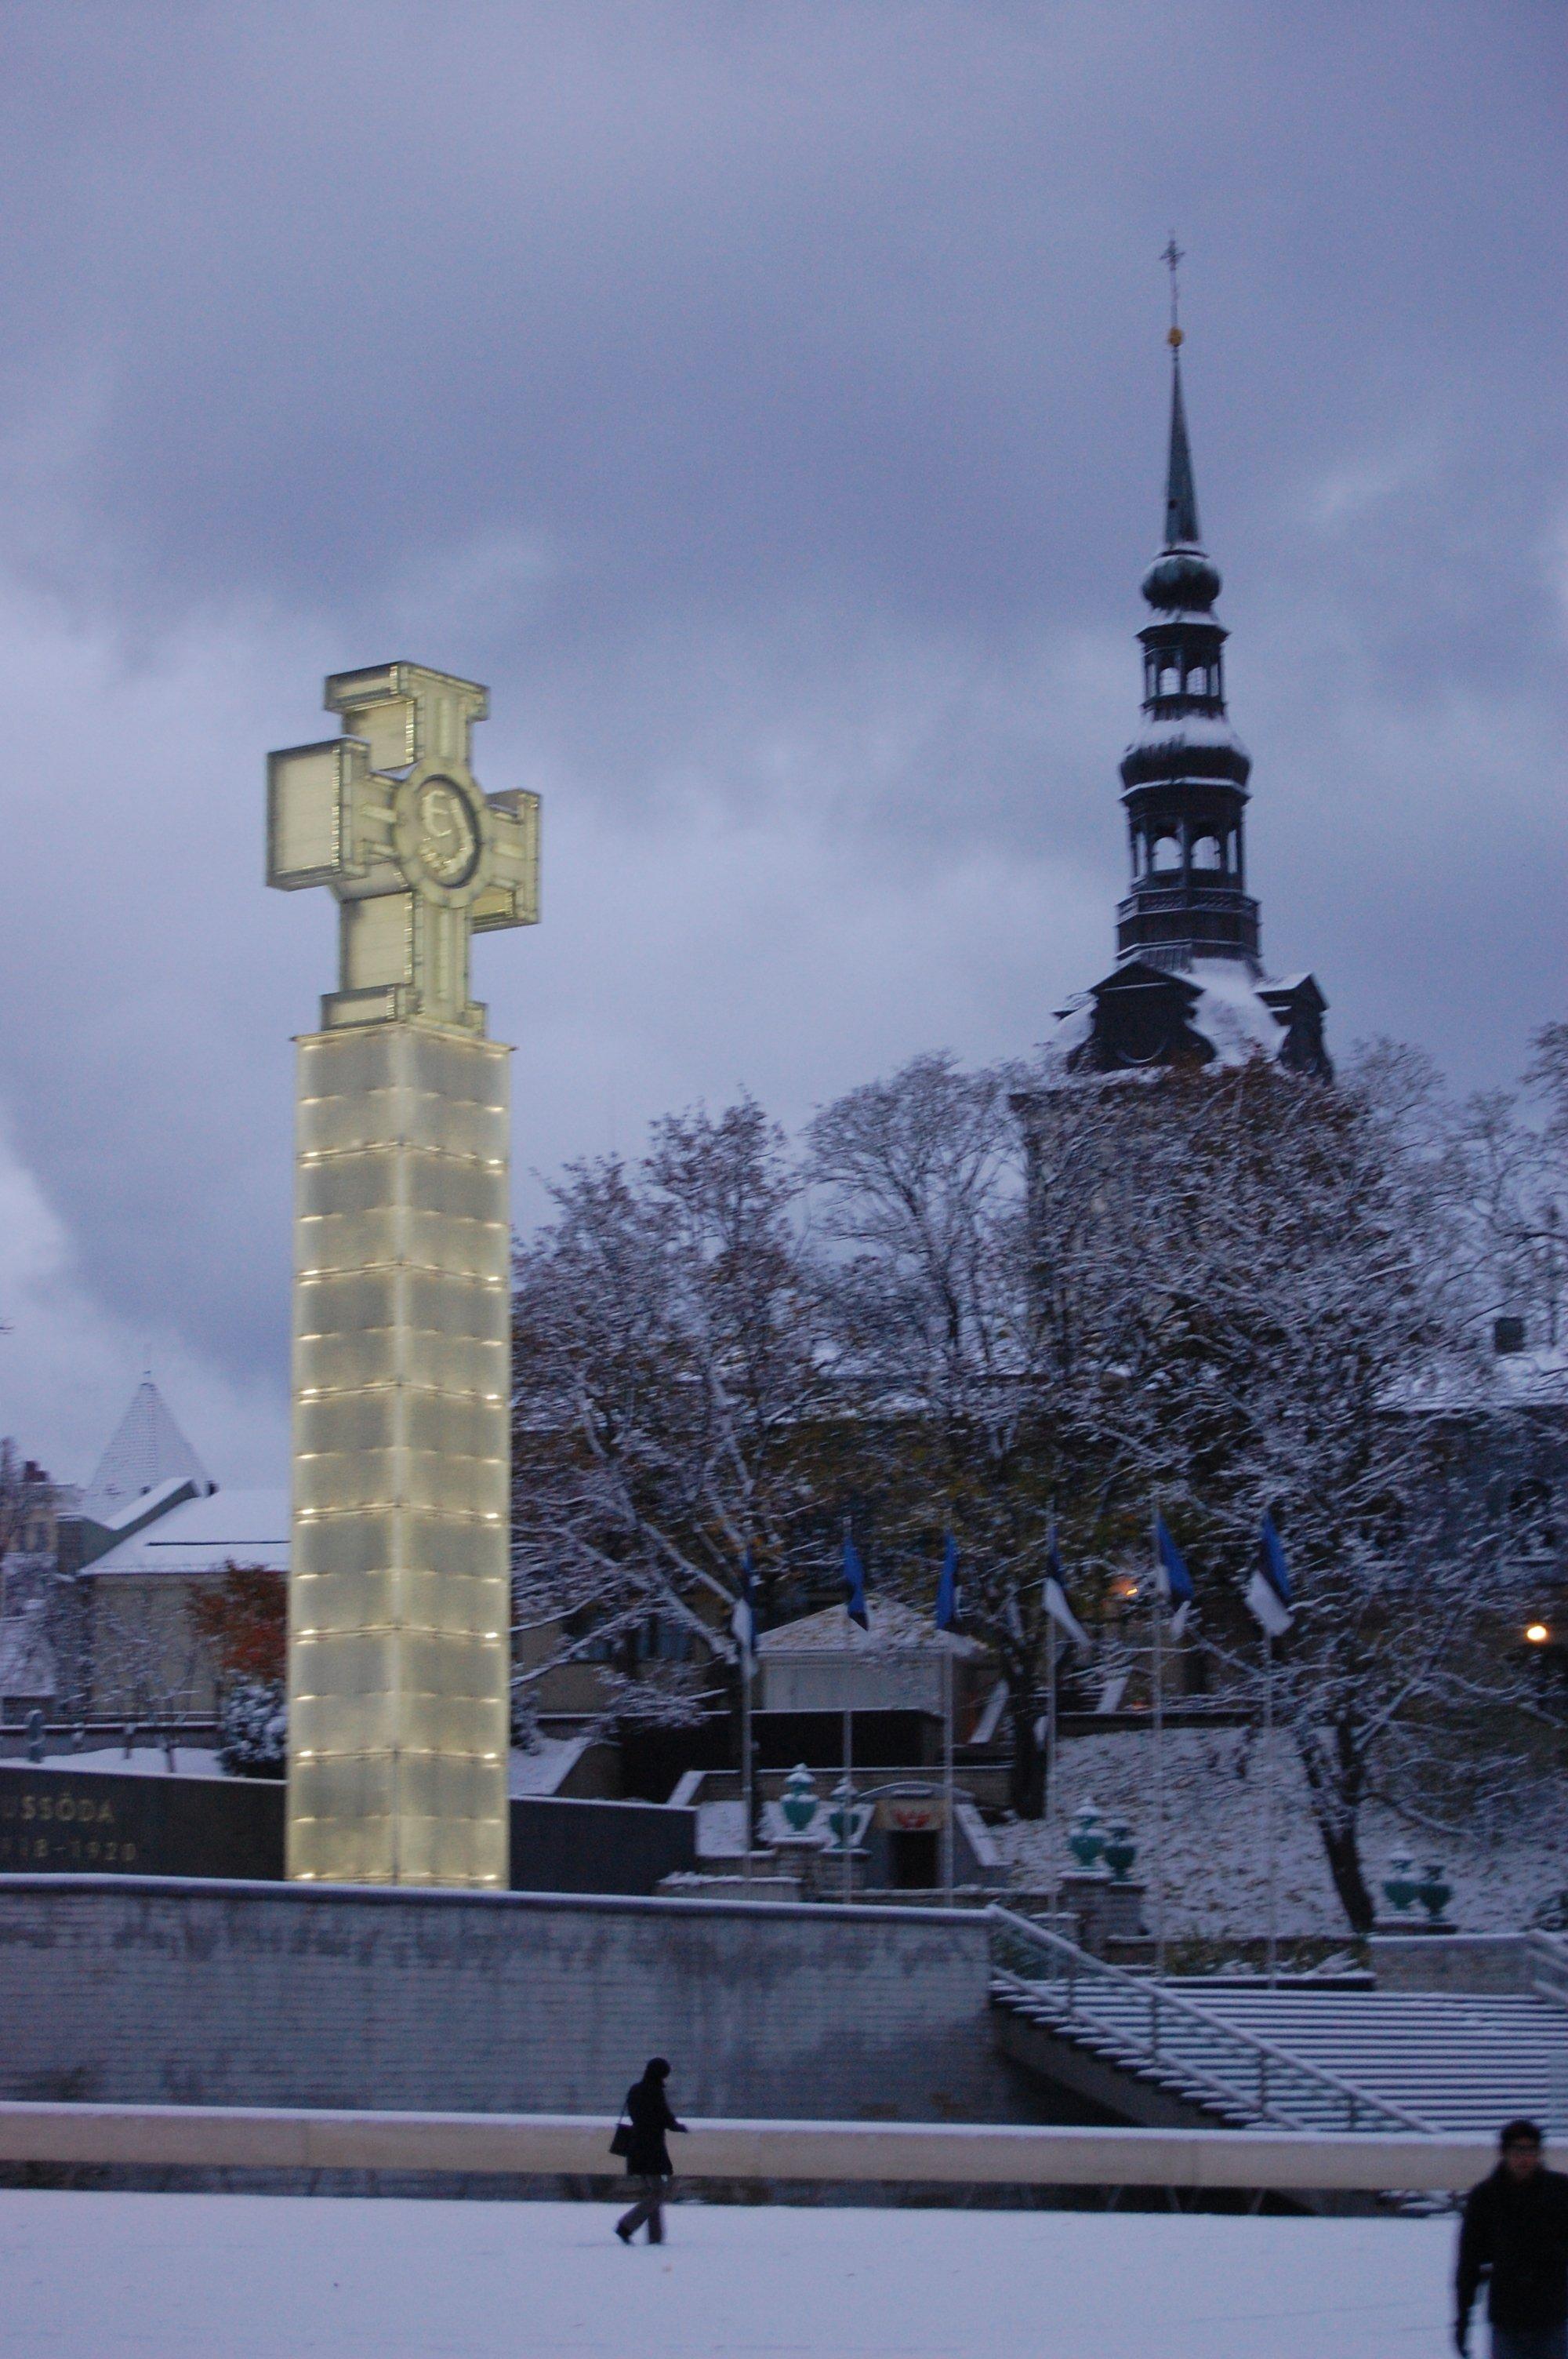 tallinn_snow_estoniacross